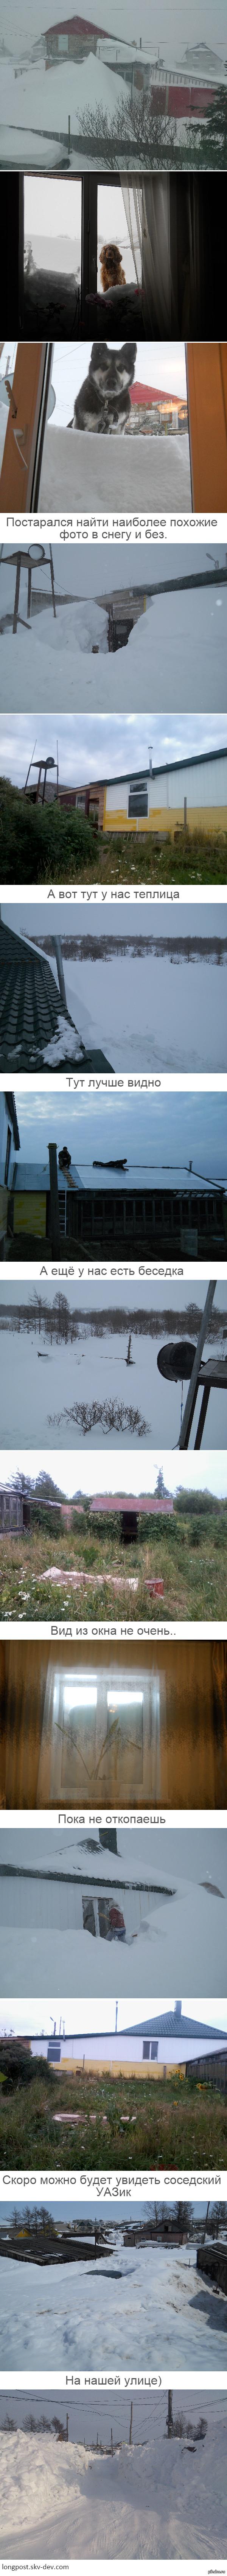 Заснеженности длиннопост. вот так нас засыпает снегом, а как у вас?